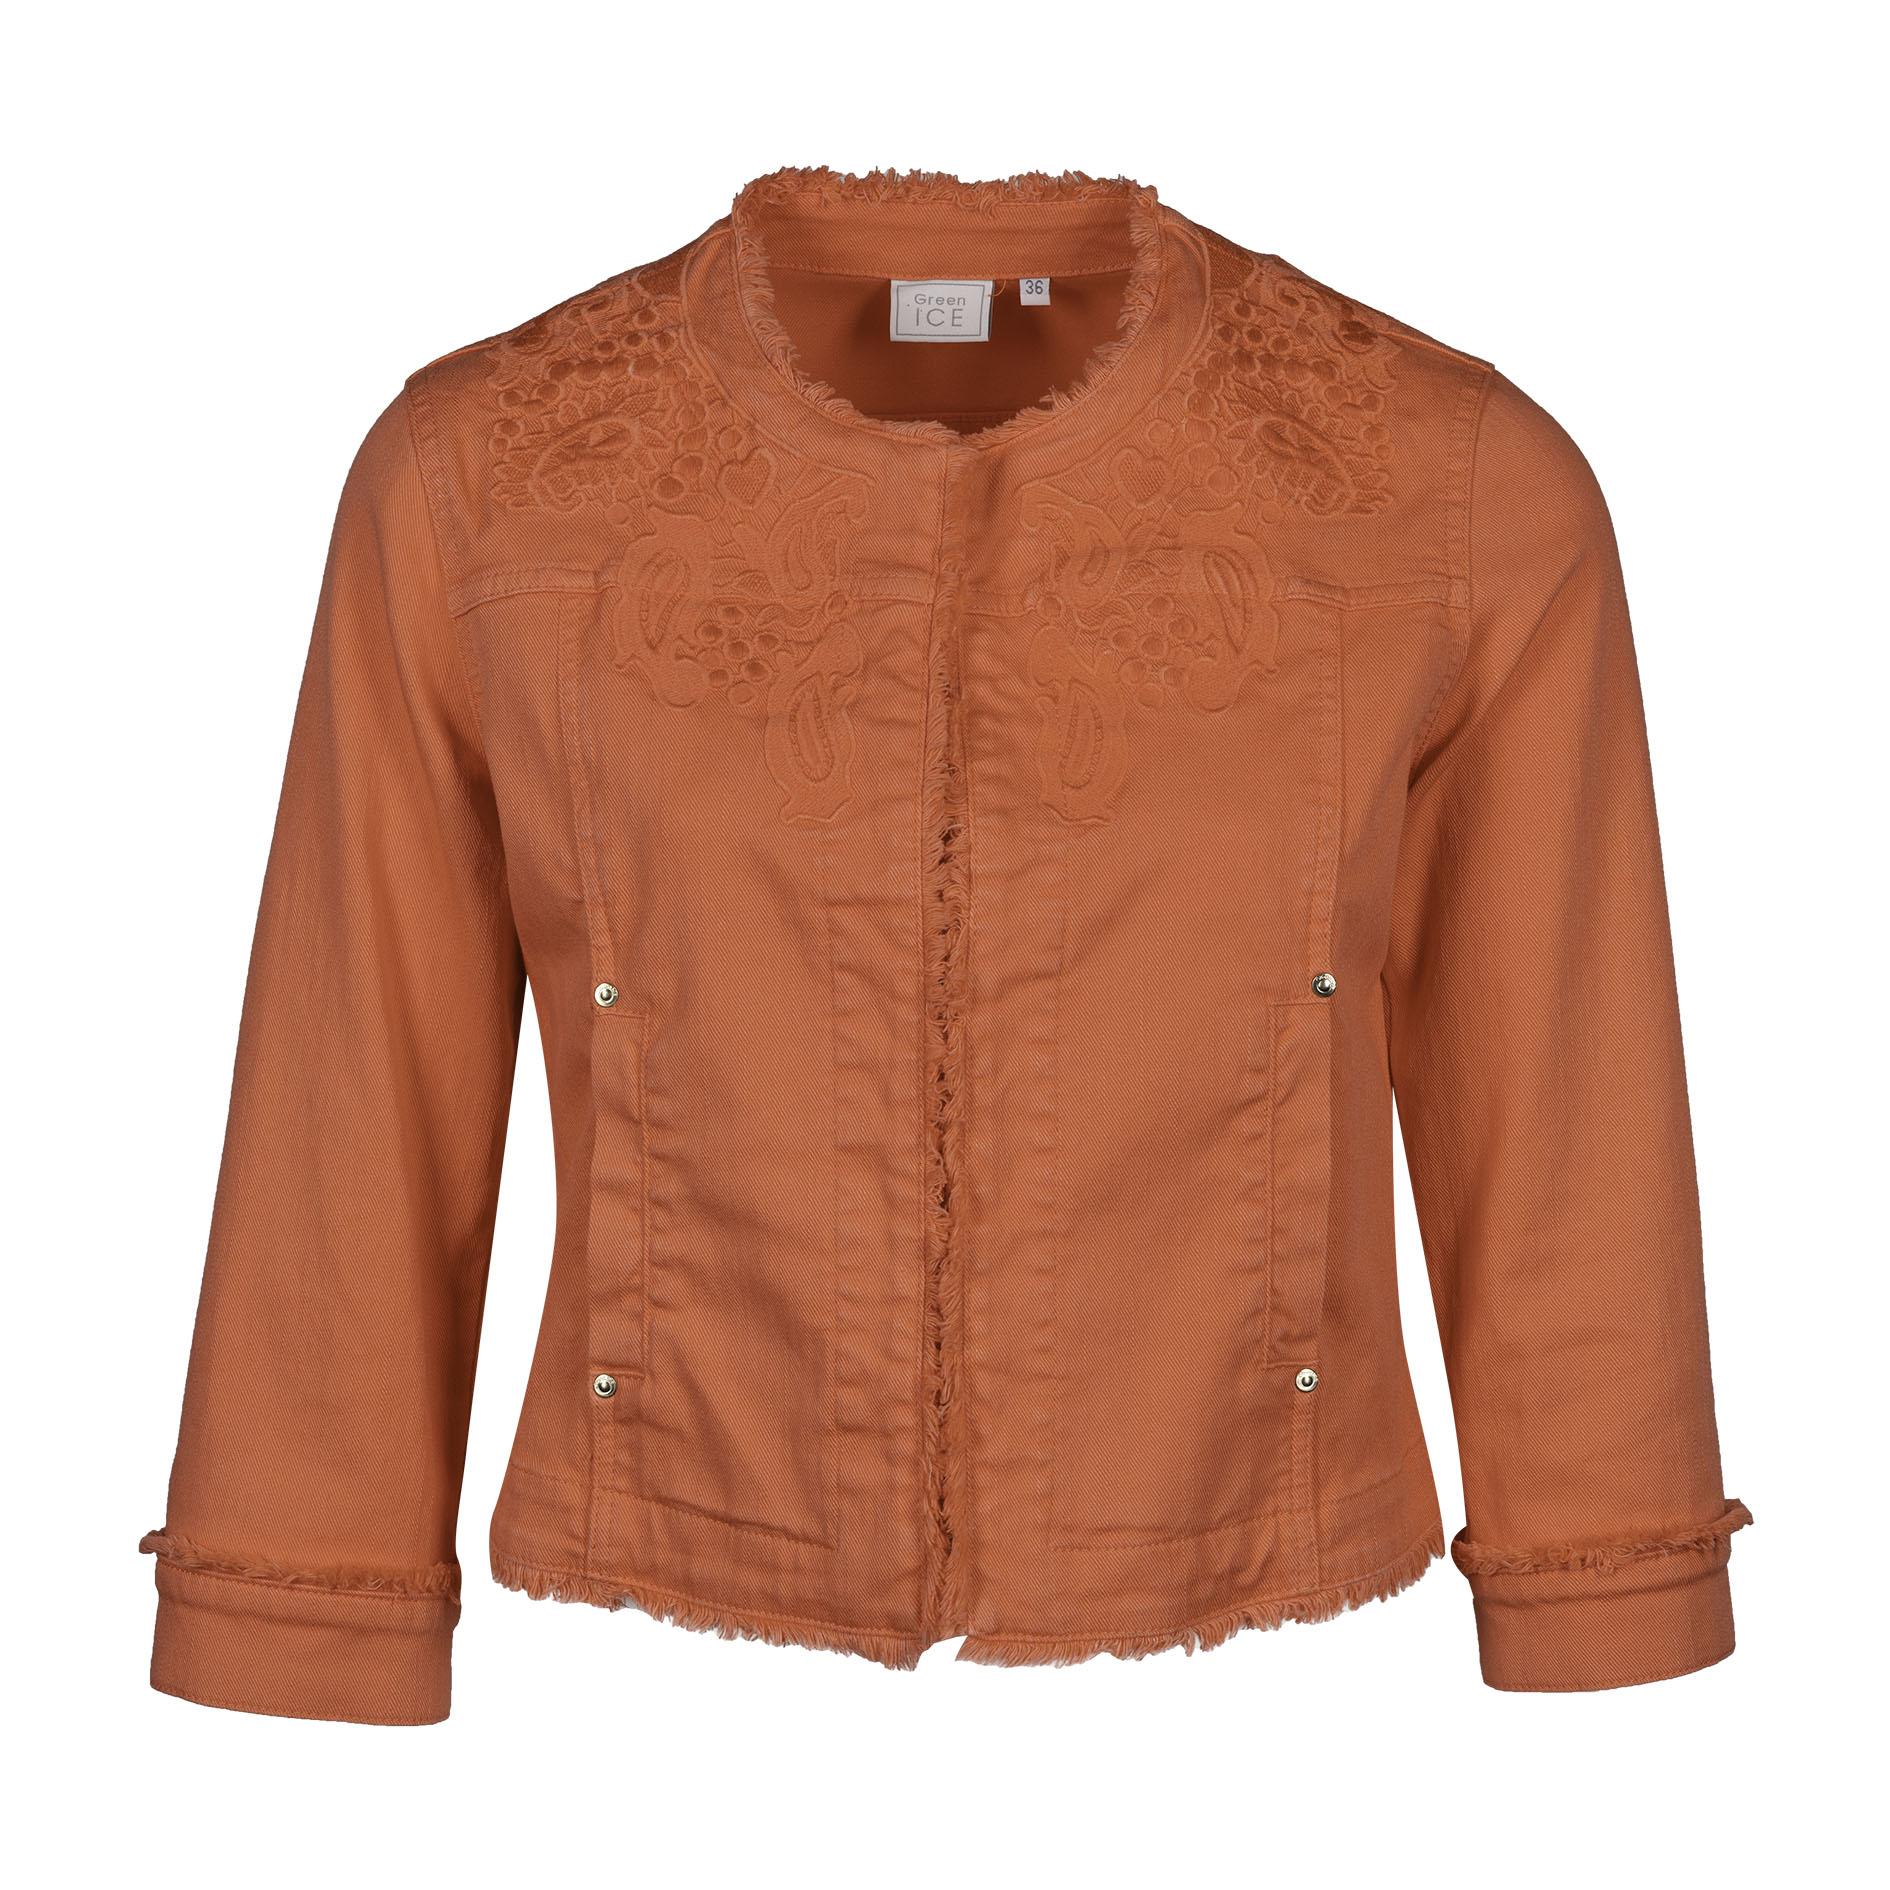 Vest 'Element' Peach